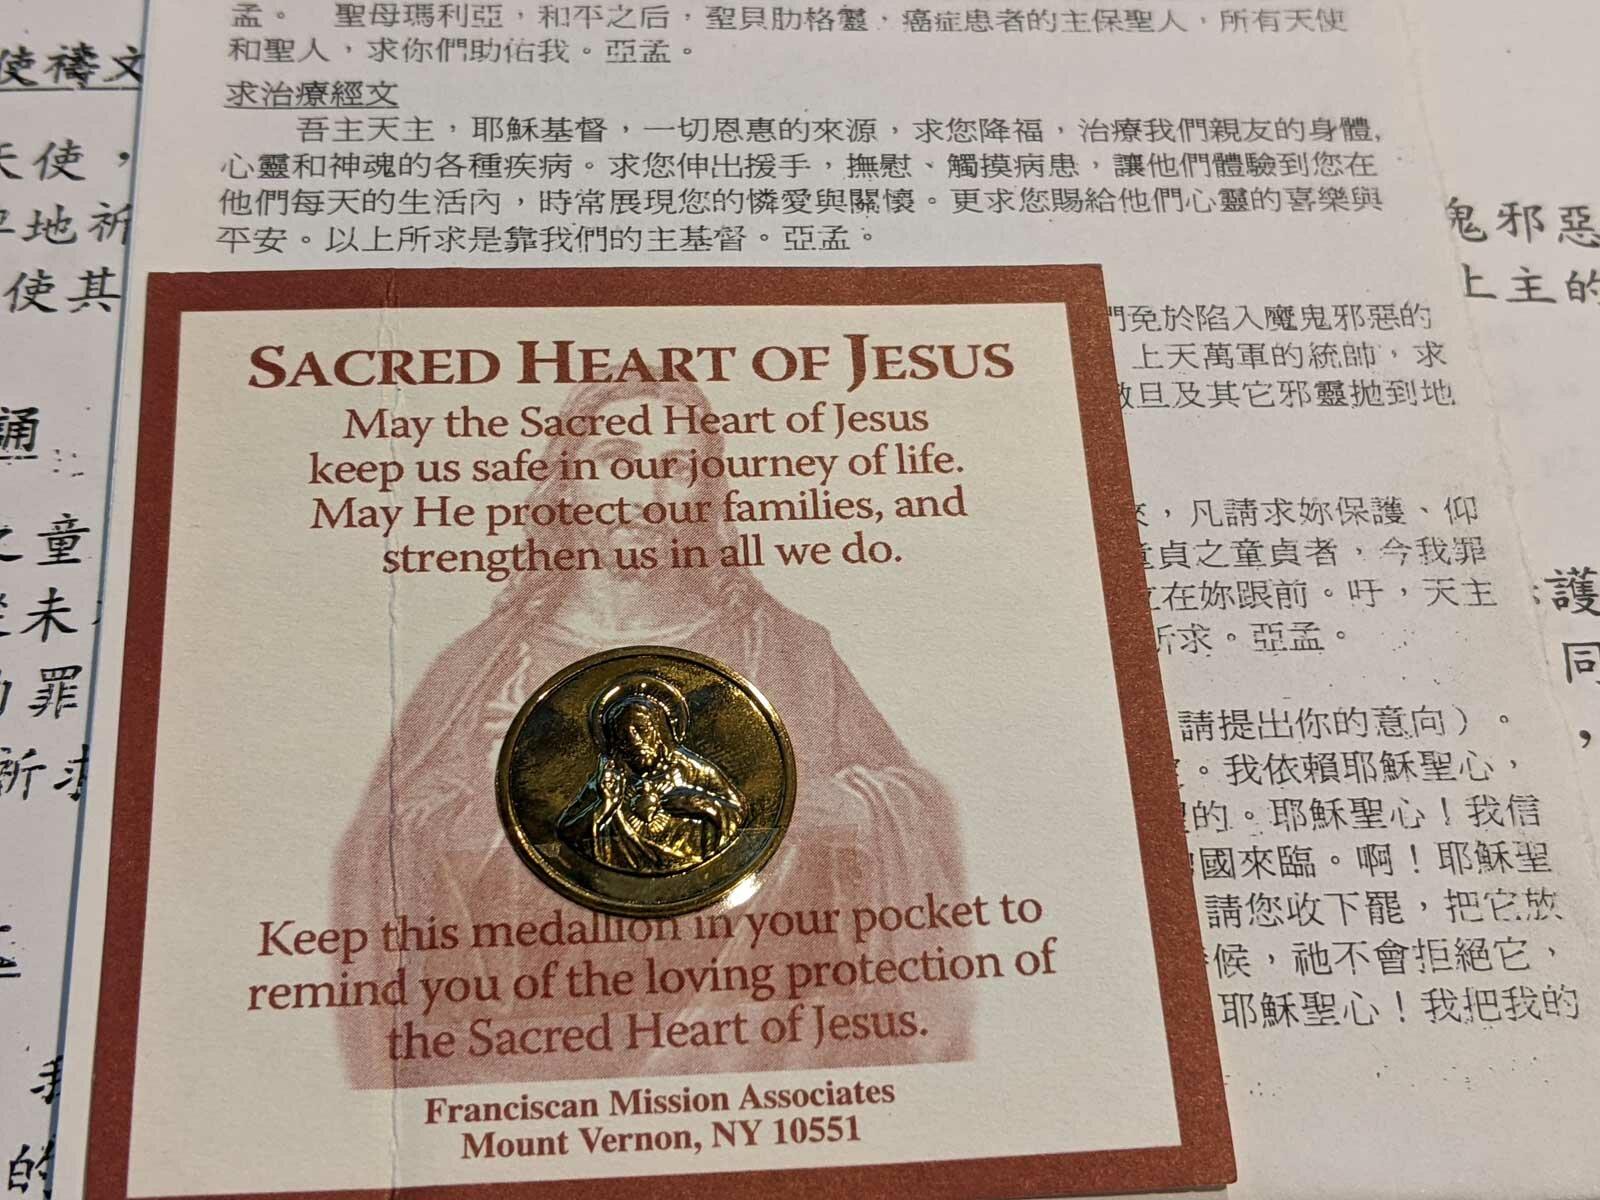 https://journal.yinfor.com/images/day-1-prayer-for-the-sick.jpg